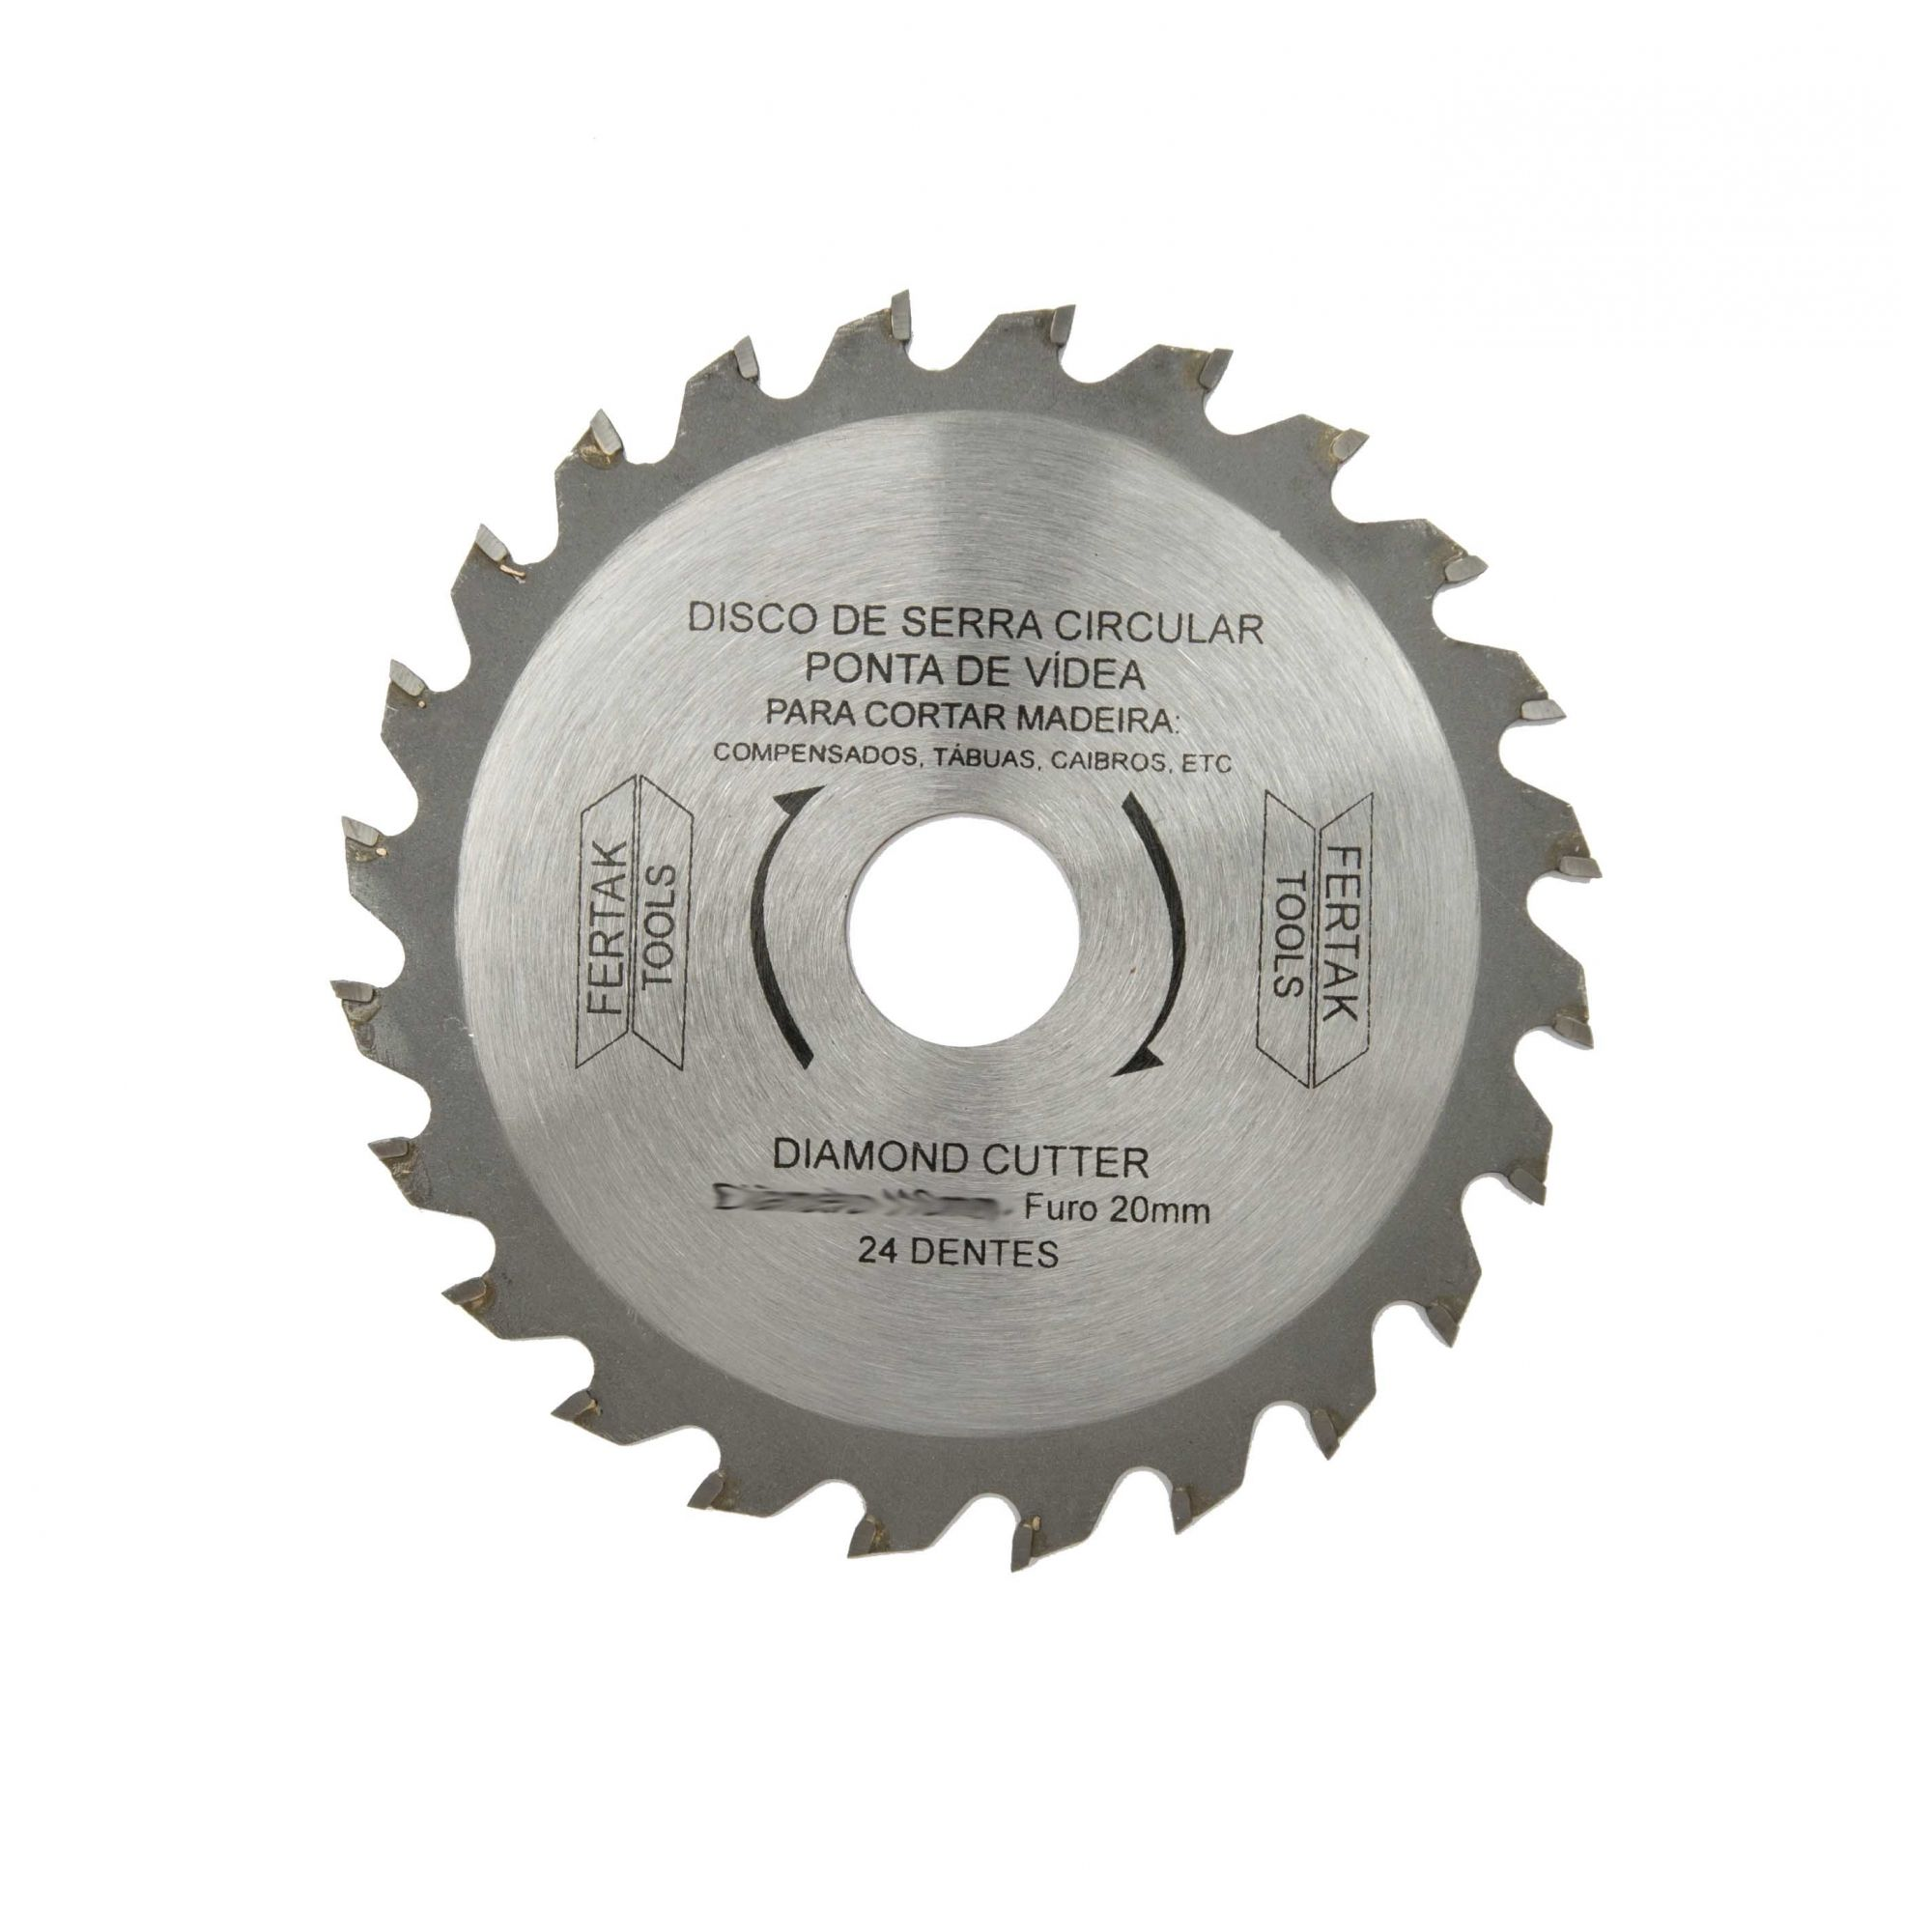 Disco de Serra Circular 110 mm 24 Dentes com Vídea